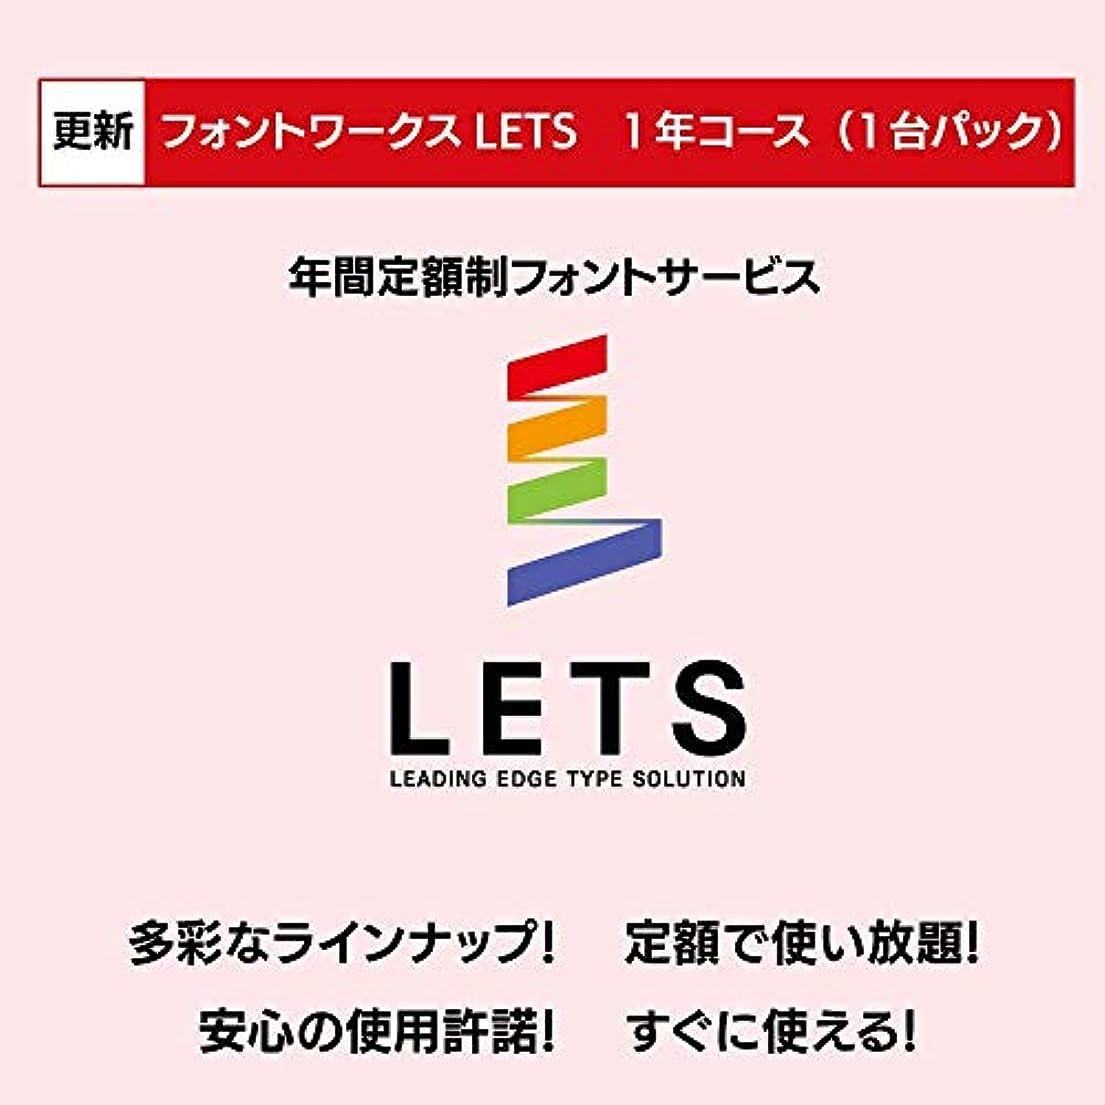 【更新専用】フォントワークスLETS 1年コース (1台パック)|オンラインコード版